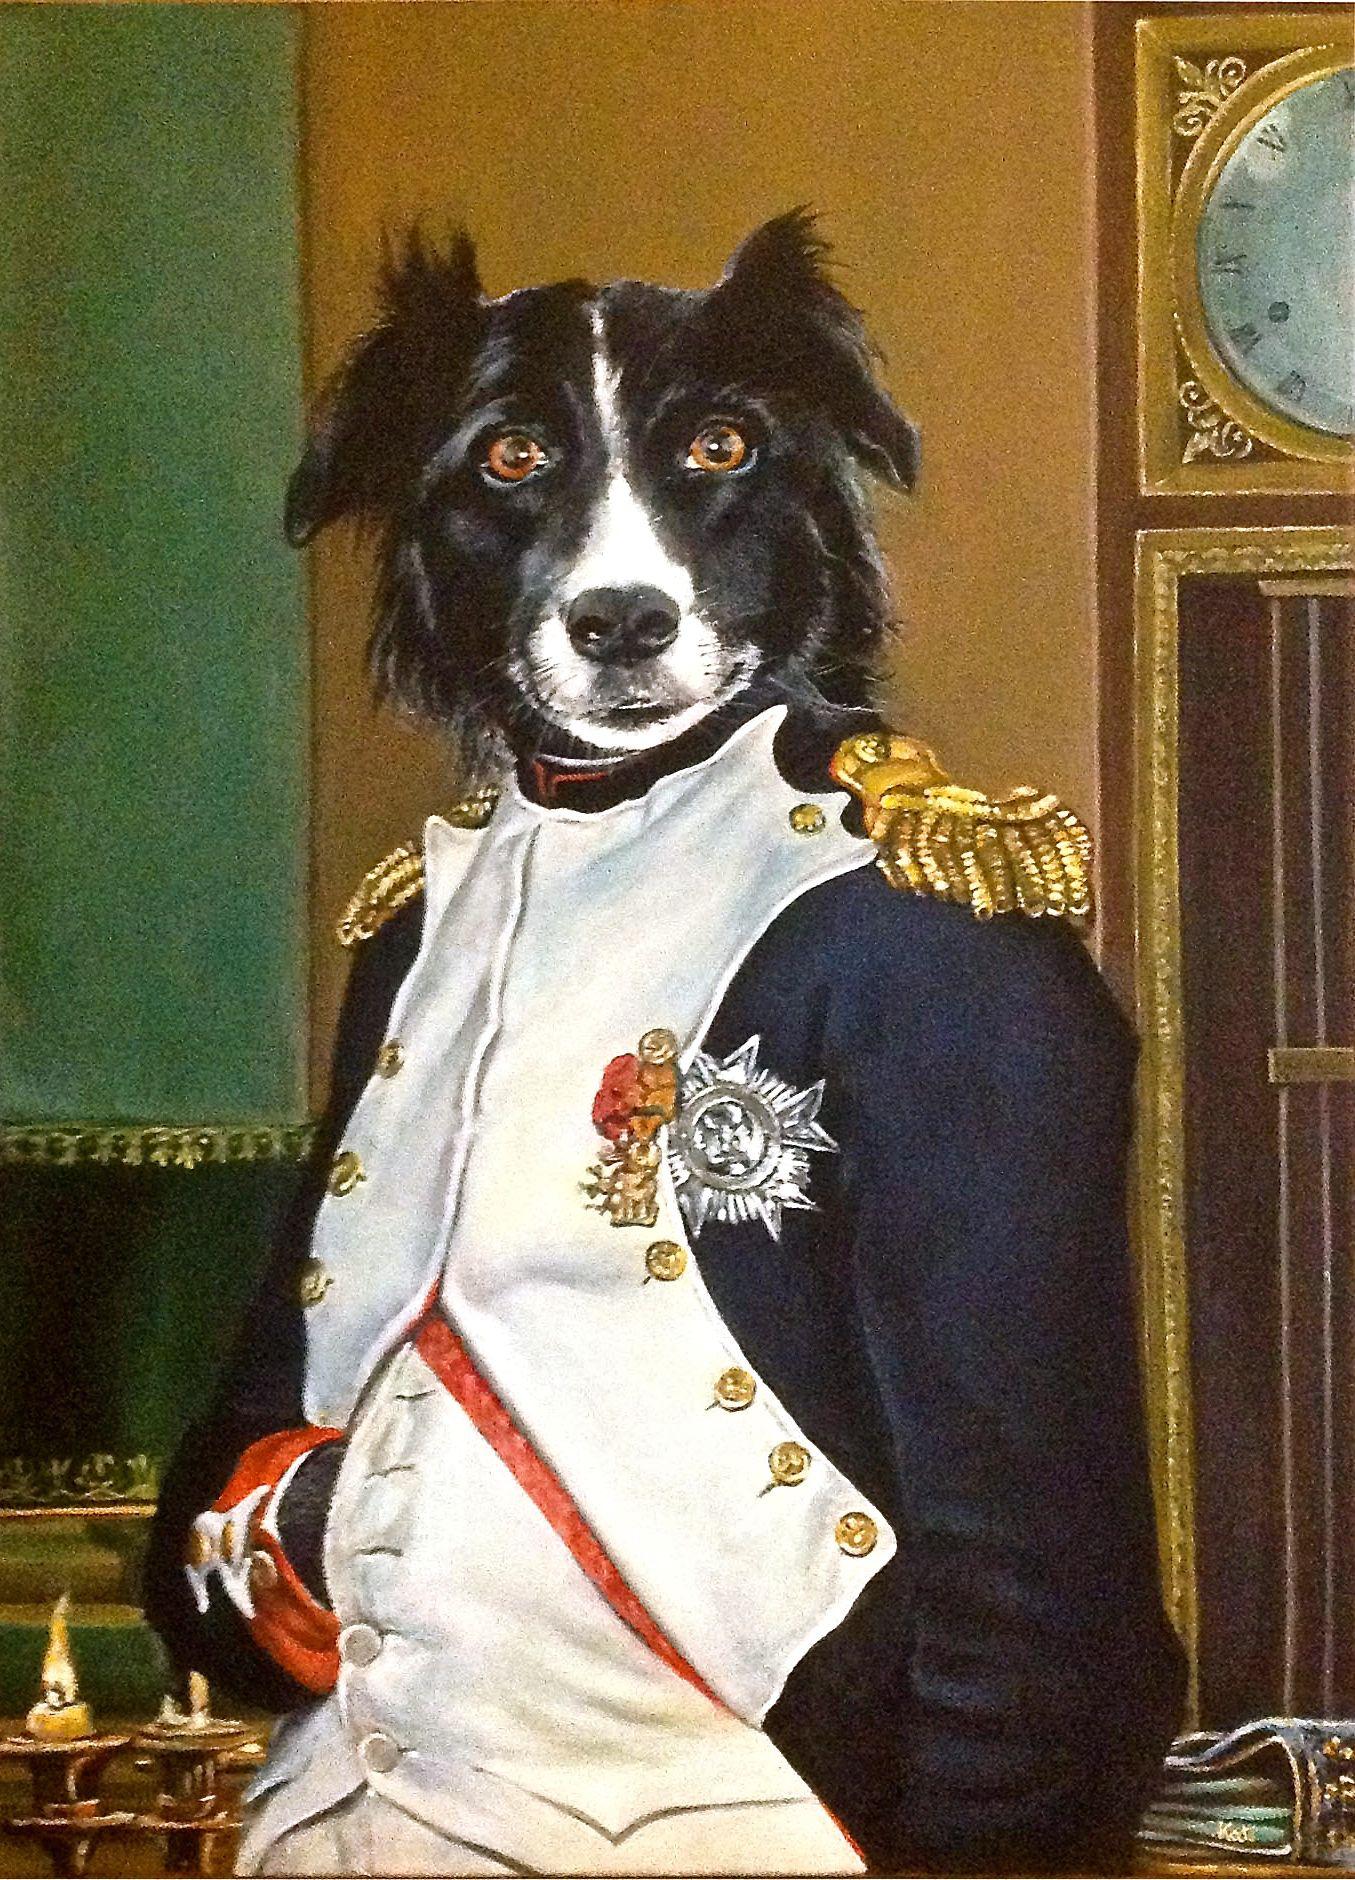 Buck Napoleon Toile Acrylique Janv 2015 Toile Acrylique Animaux Peinture